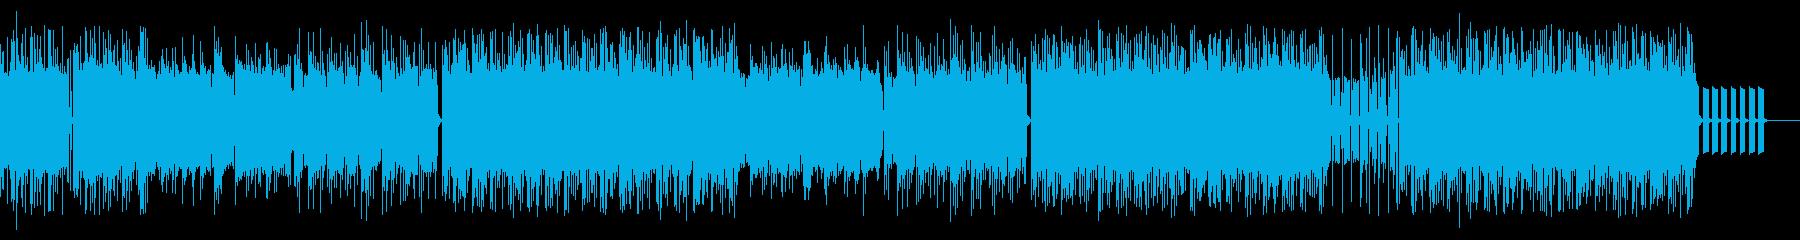 色っぽい/ヒップホップ/808/#3の再生済みの波形